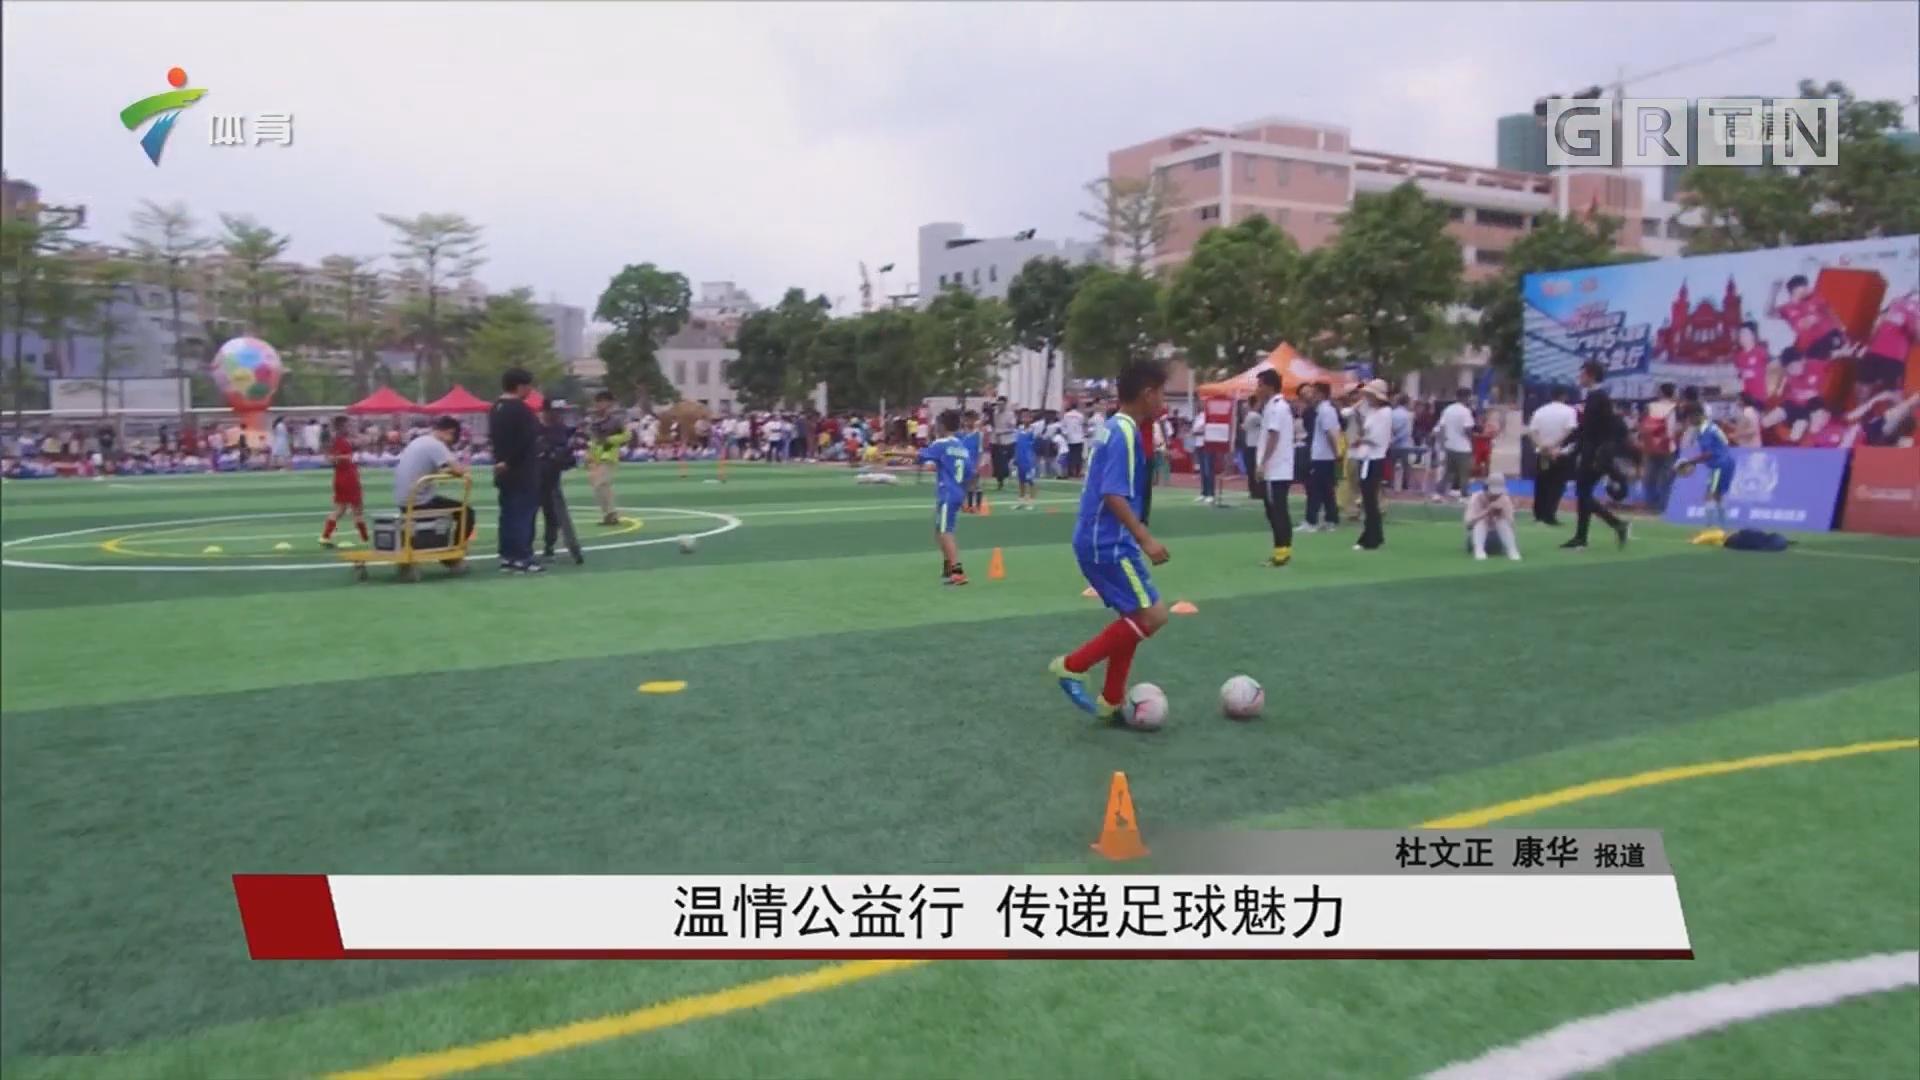 温情公益行 传递足球魅力